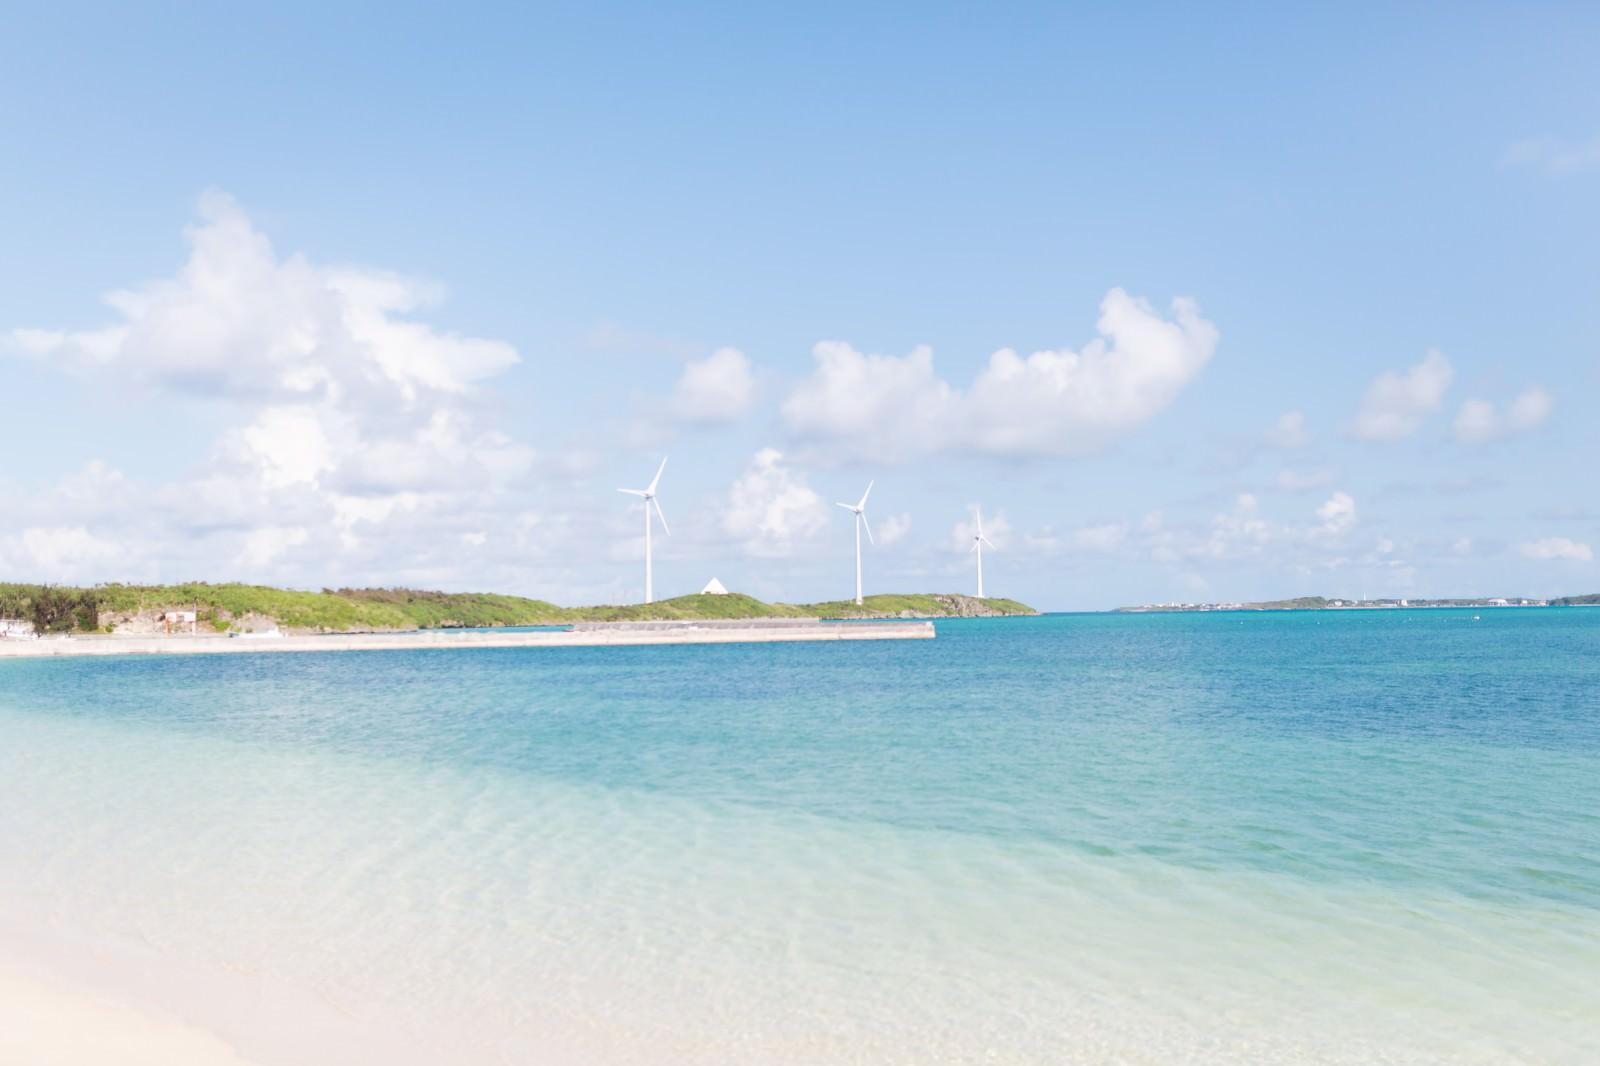 「西の浜から見える風力発電と海」の写真